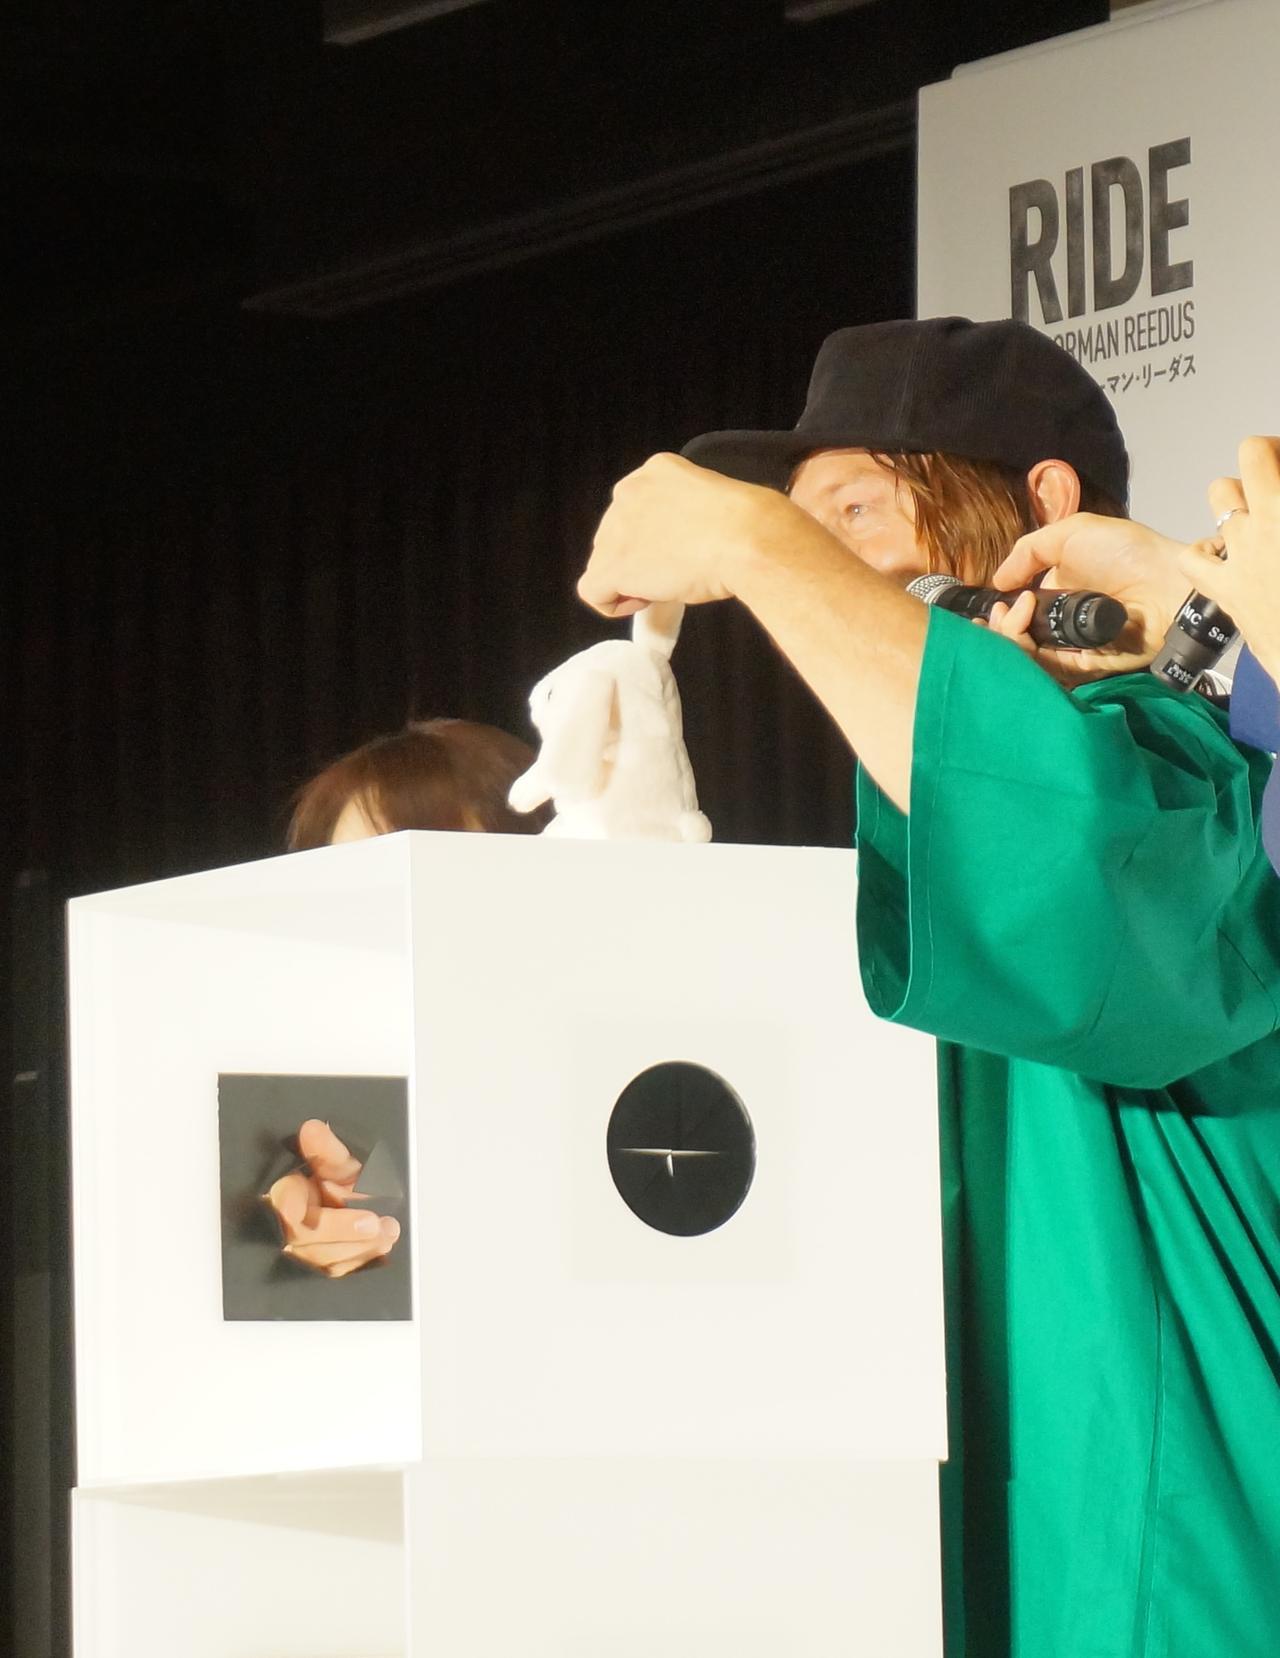 画像15: 「ライド with ノーマン・リーダス」シーズン2配信記念で 来日したノーマン・リーダスがファンミーティングに登壇!!